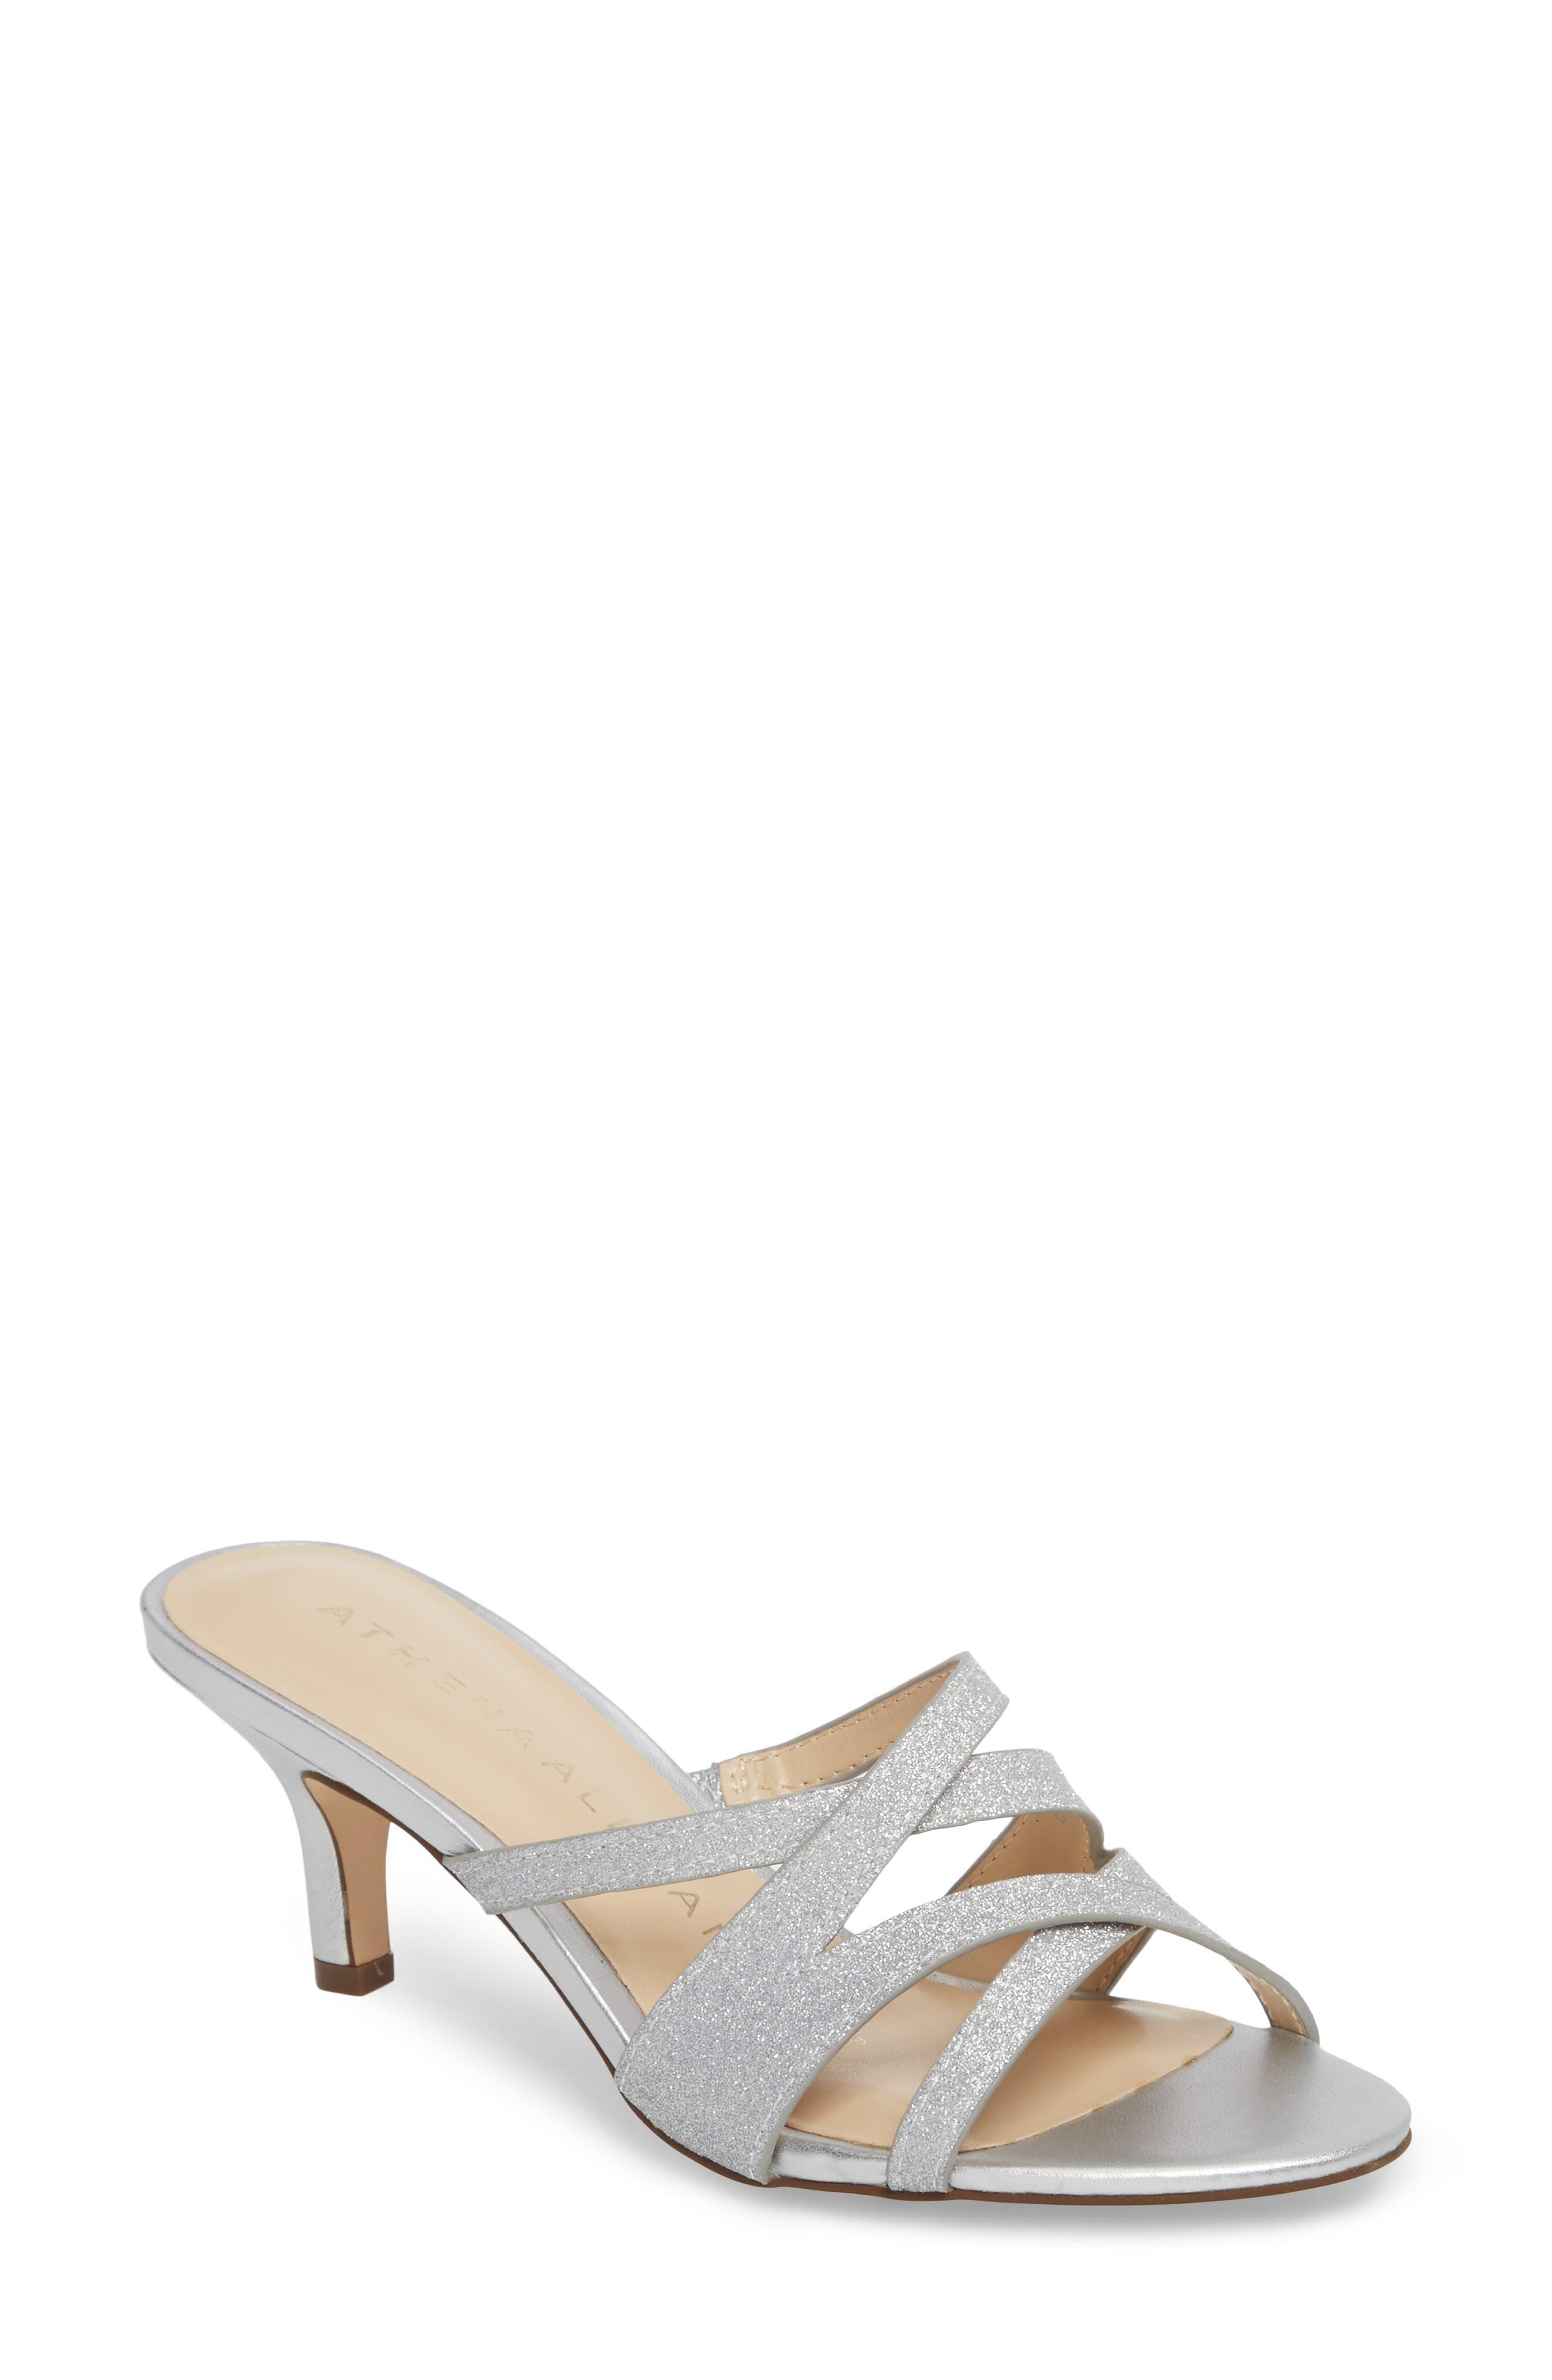 Starlite Sandal,                         Main,                         color, SILVER FABRIC